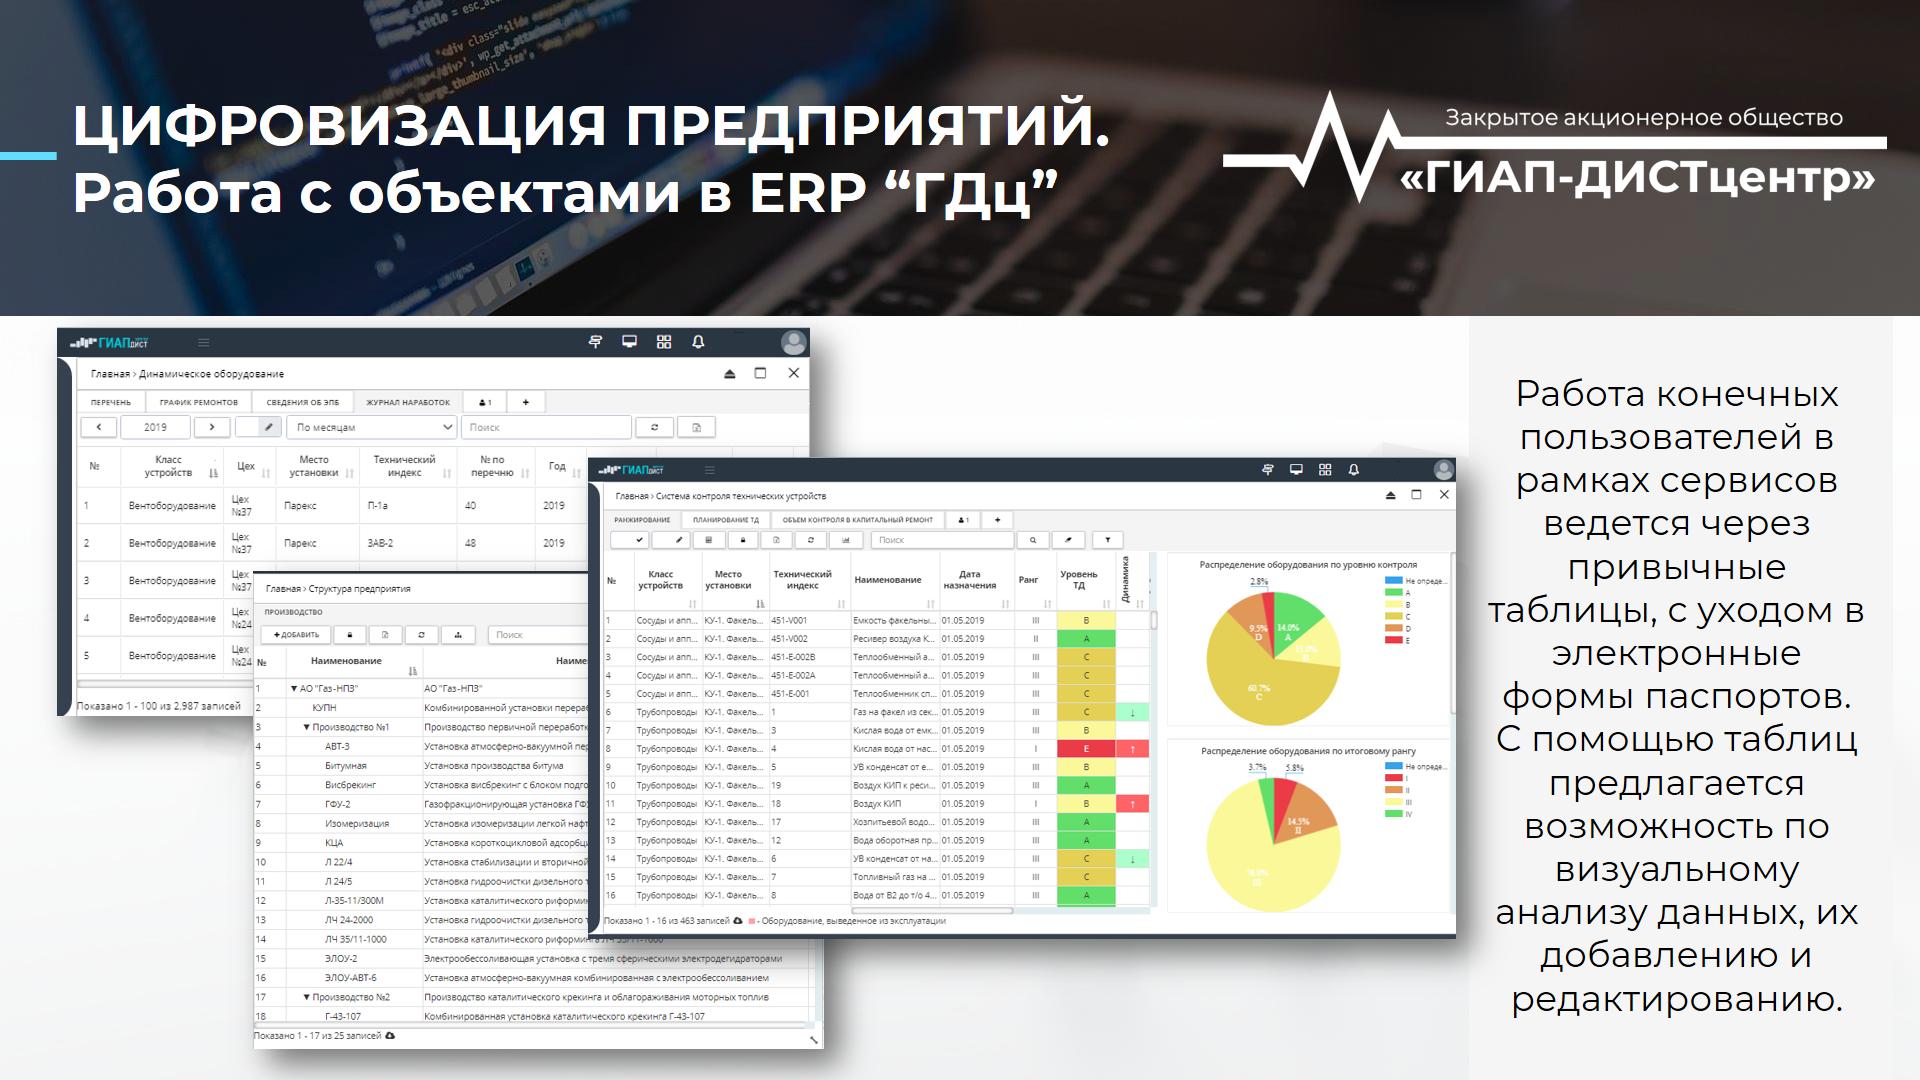 Работа с объектами в ERP-GDc